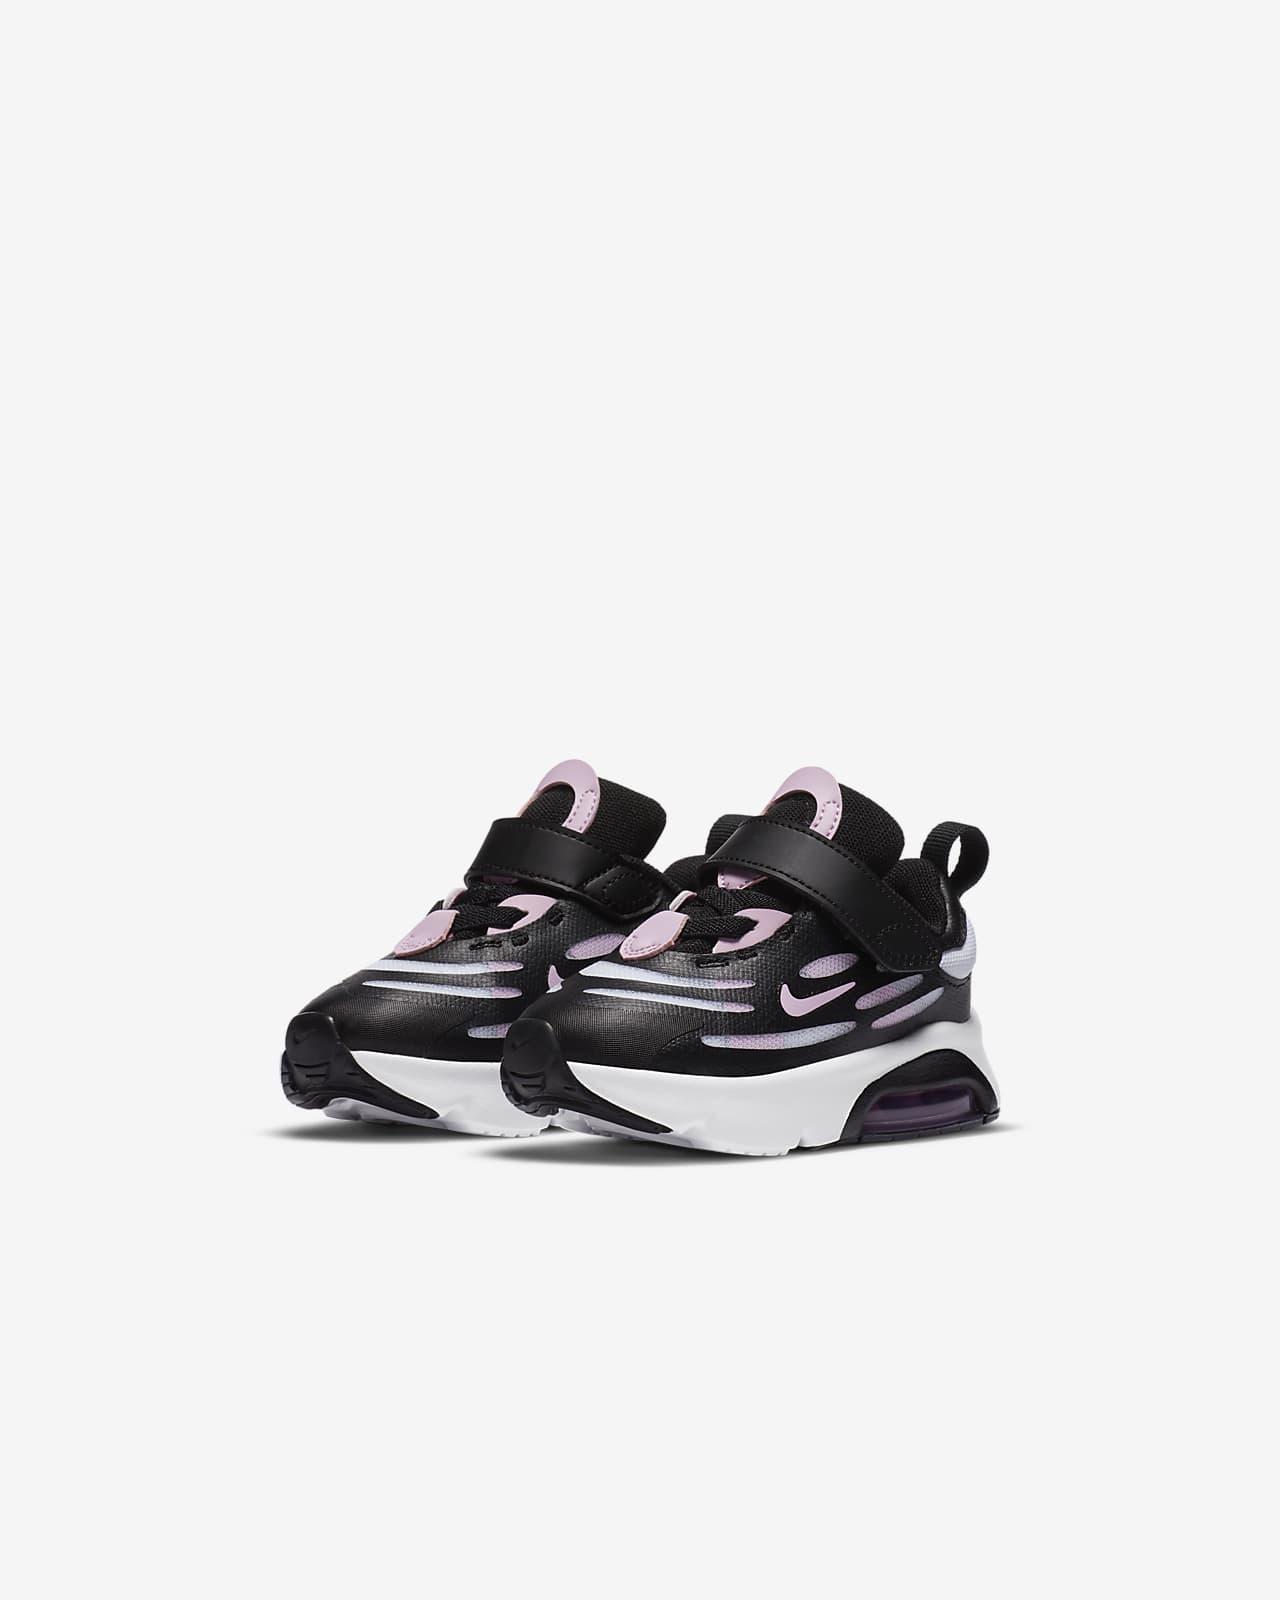 Nike Air Max Exosense Baby and Toddler Shoe. Nike LU